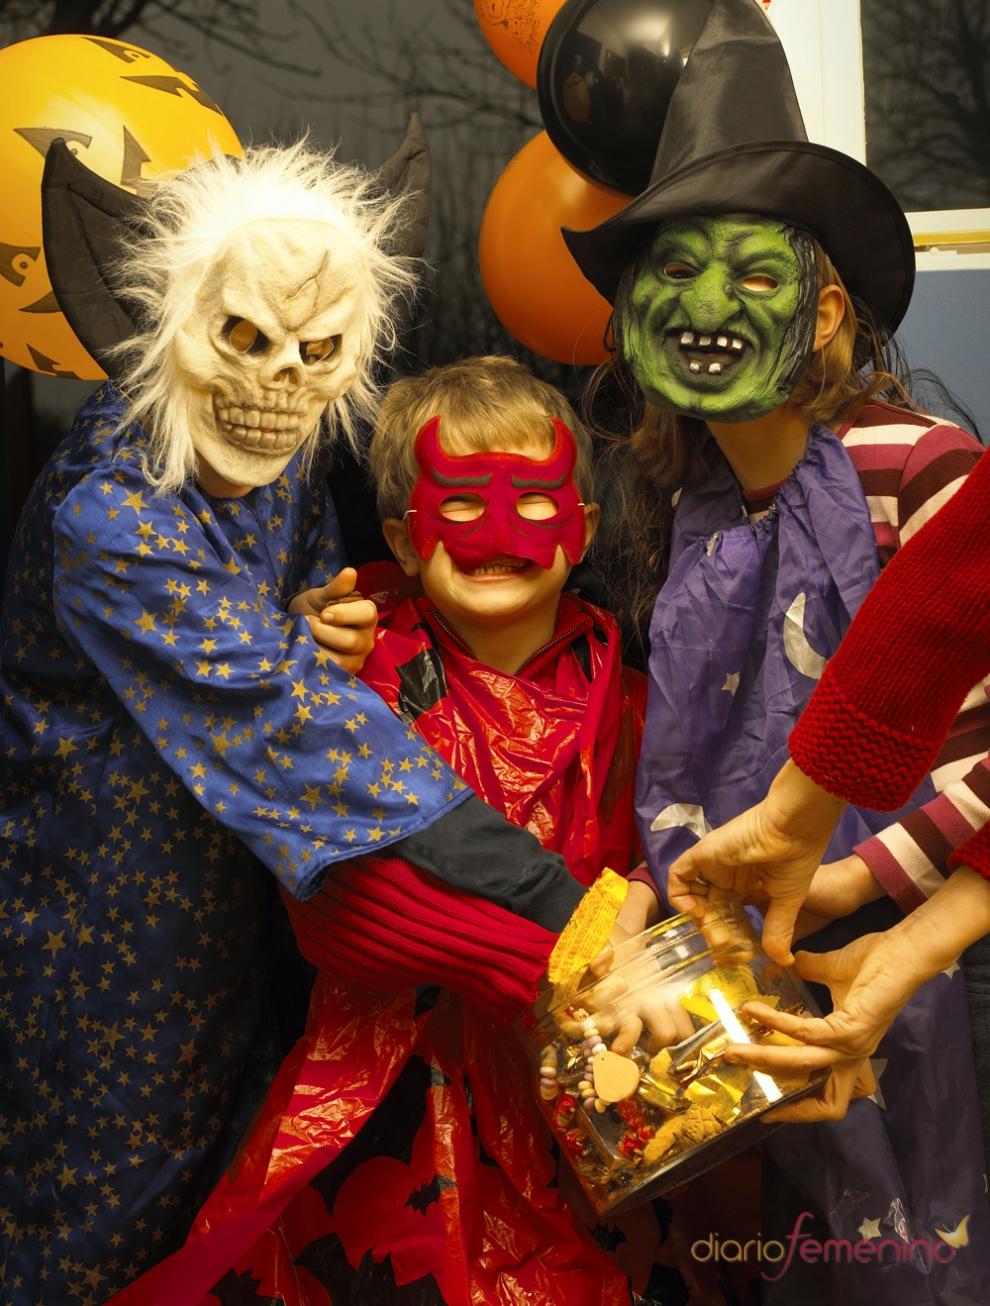 Juegos para adultos en Halloween - unComo